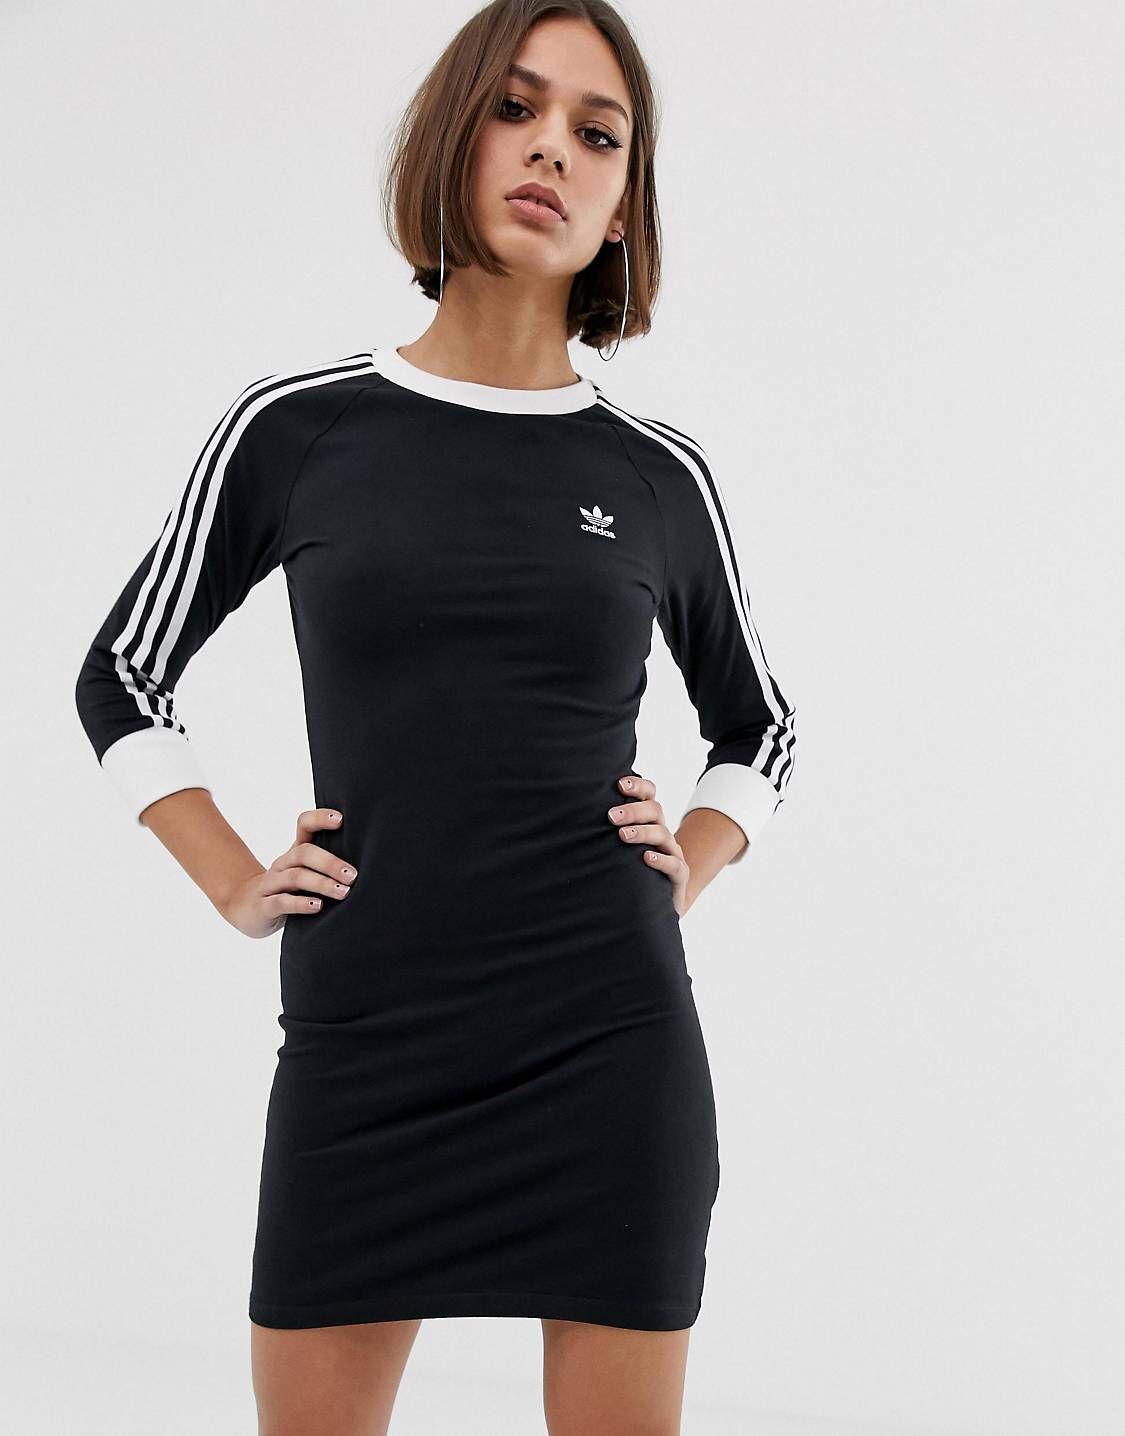 0281ba5aeb89 adidas Originals adicolor three stripe mini dress in black in 2019 ...